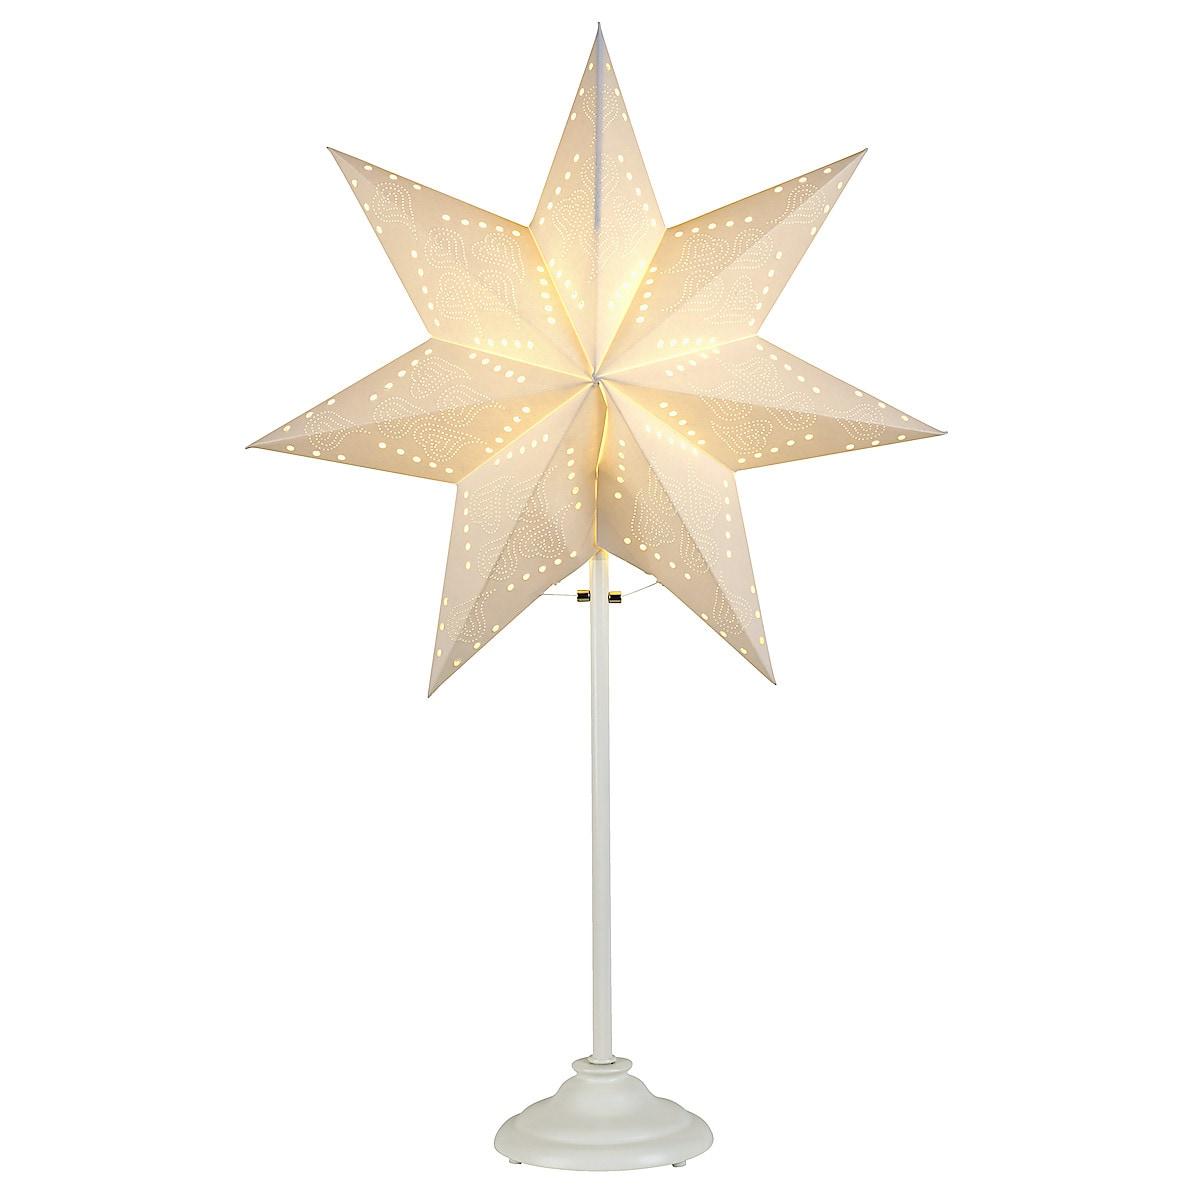 Stjerne på fot, Lovisa